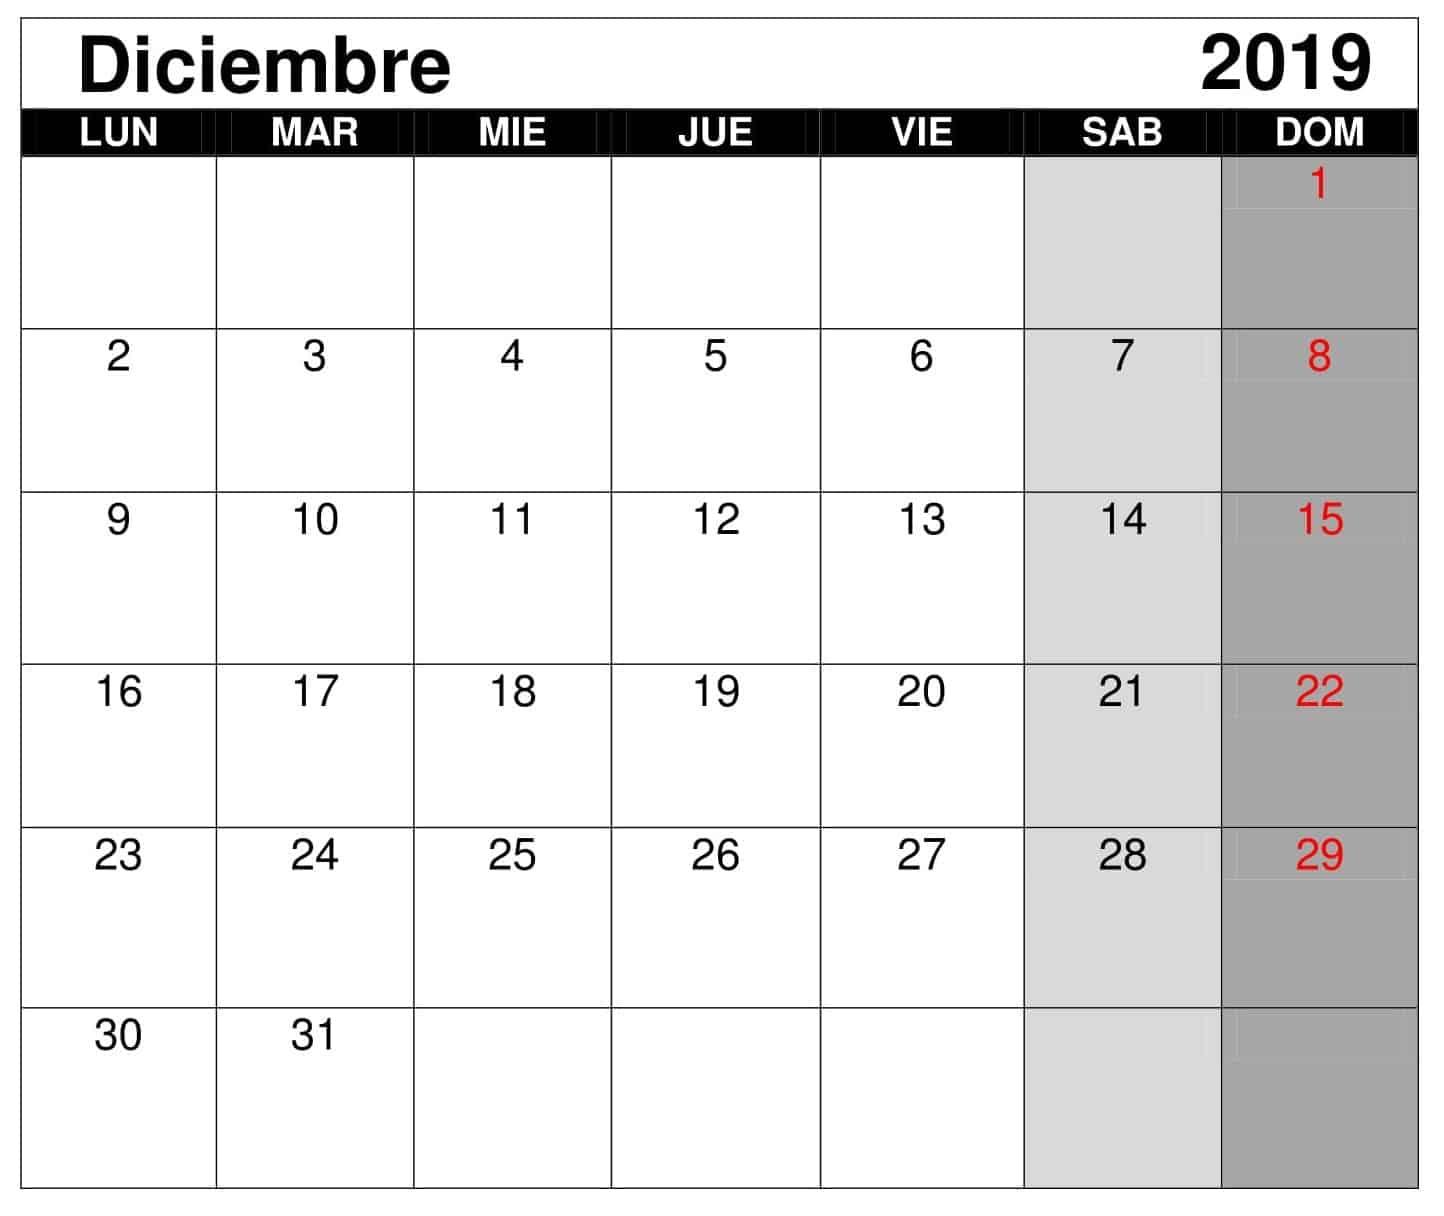 Calendario Diciembre 2019 Para Imprimir